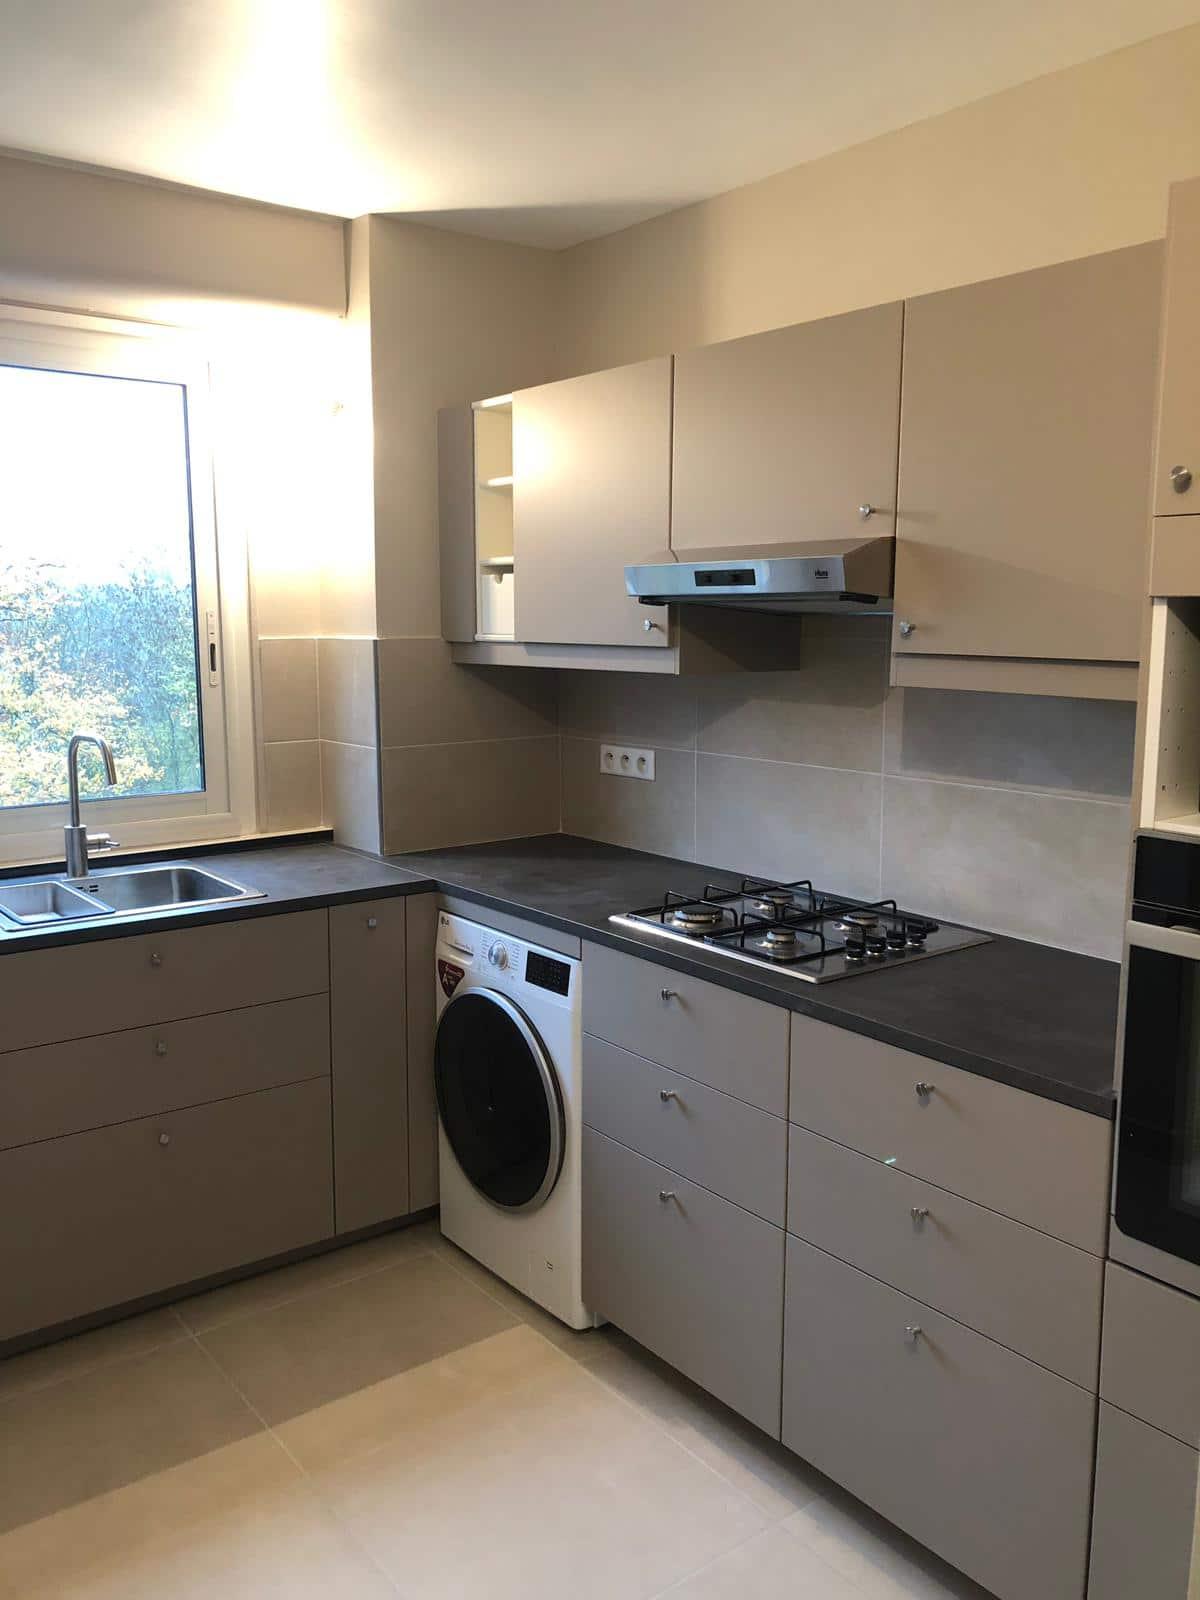 Rénovation d'un appartement à Vaucresson (92)